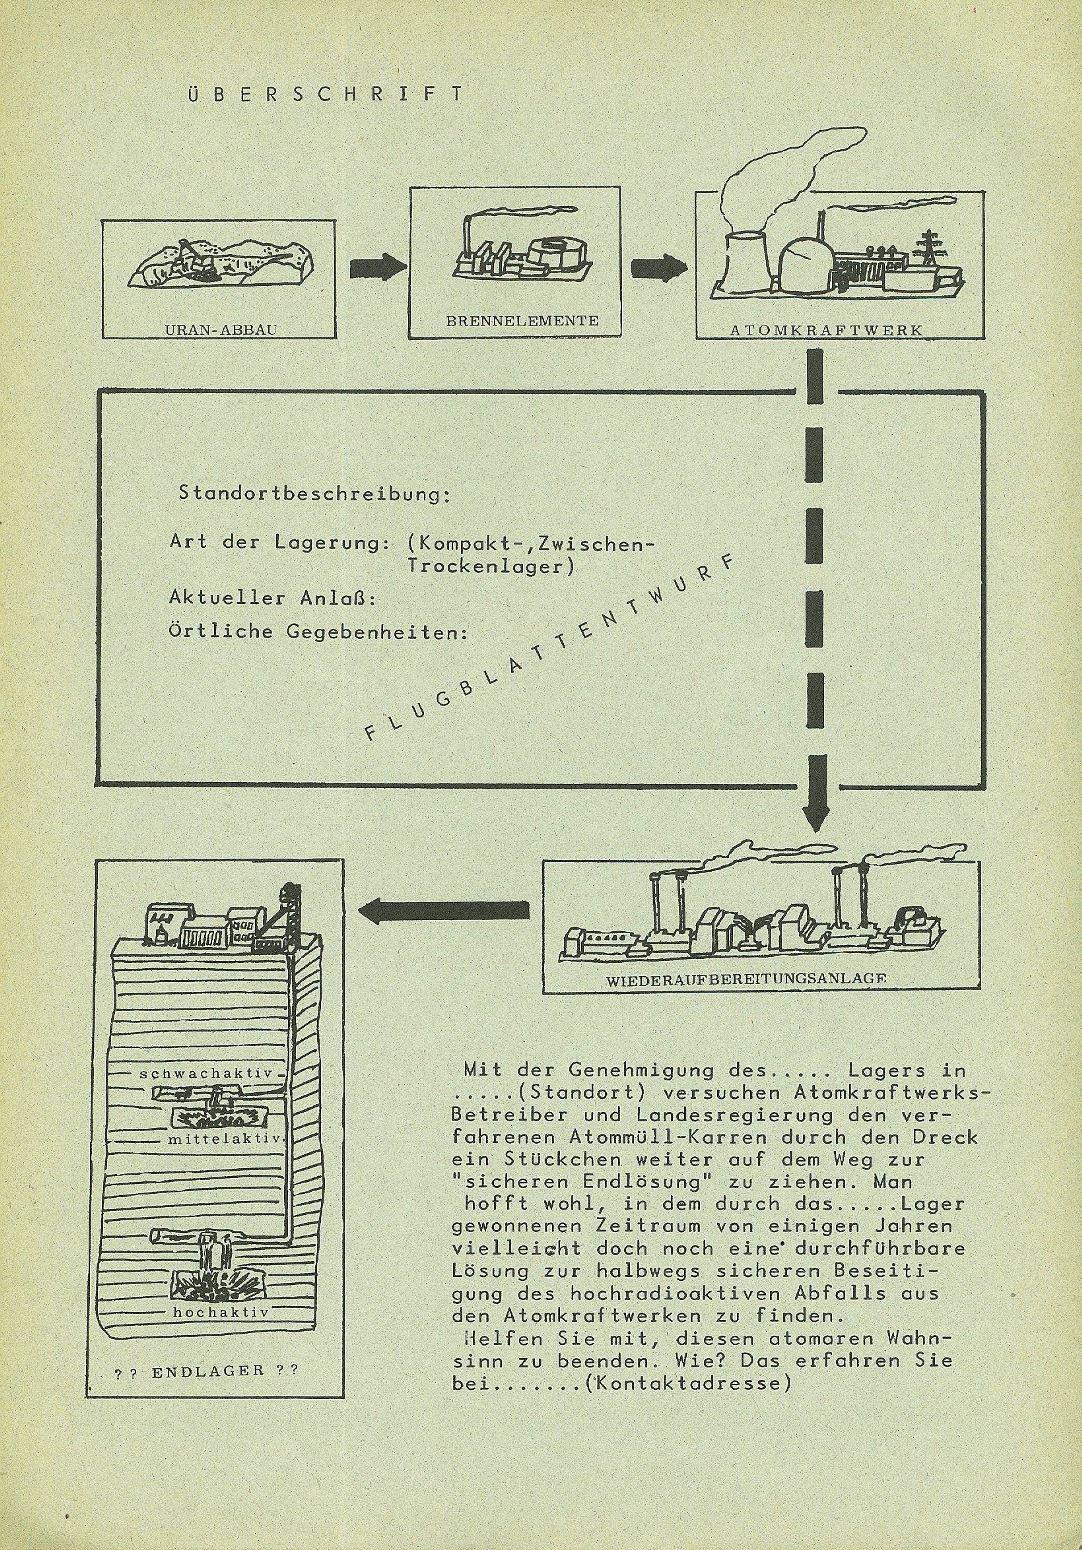 Hessen_AKW013